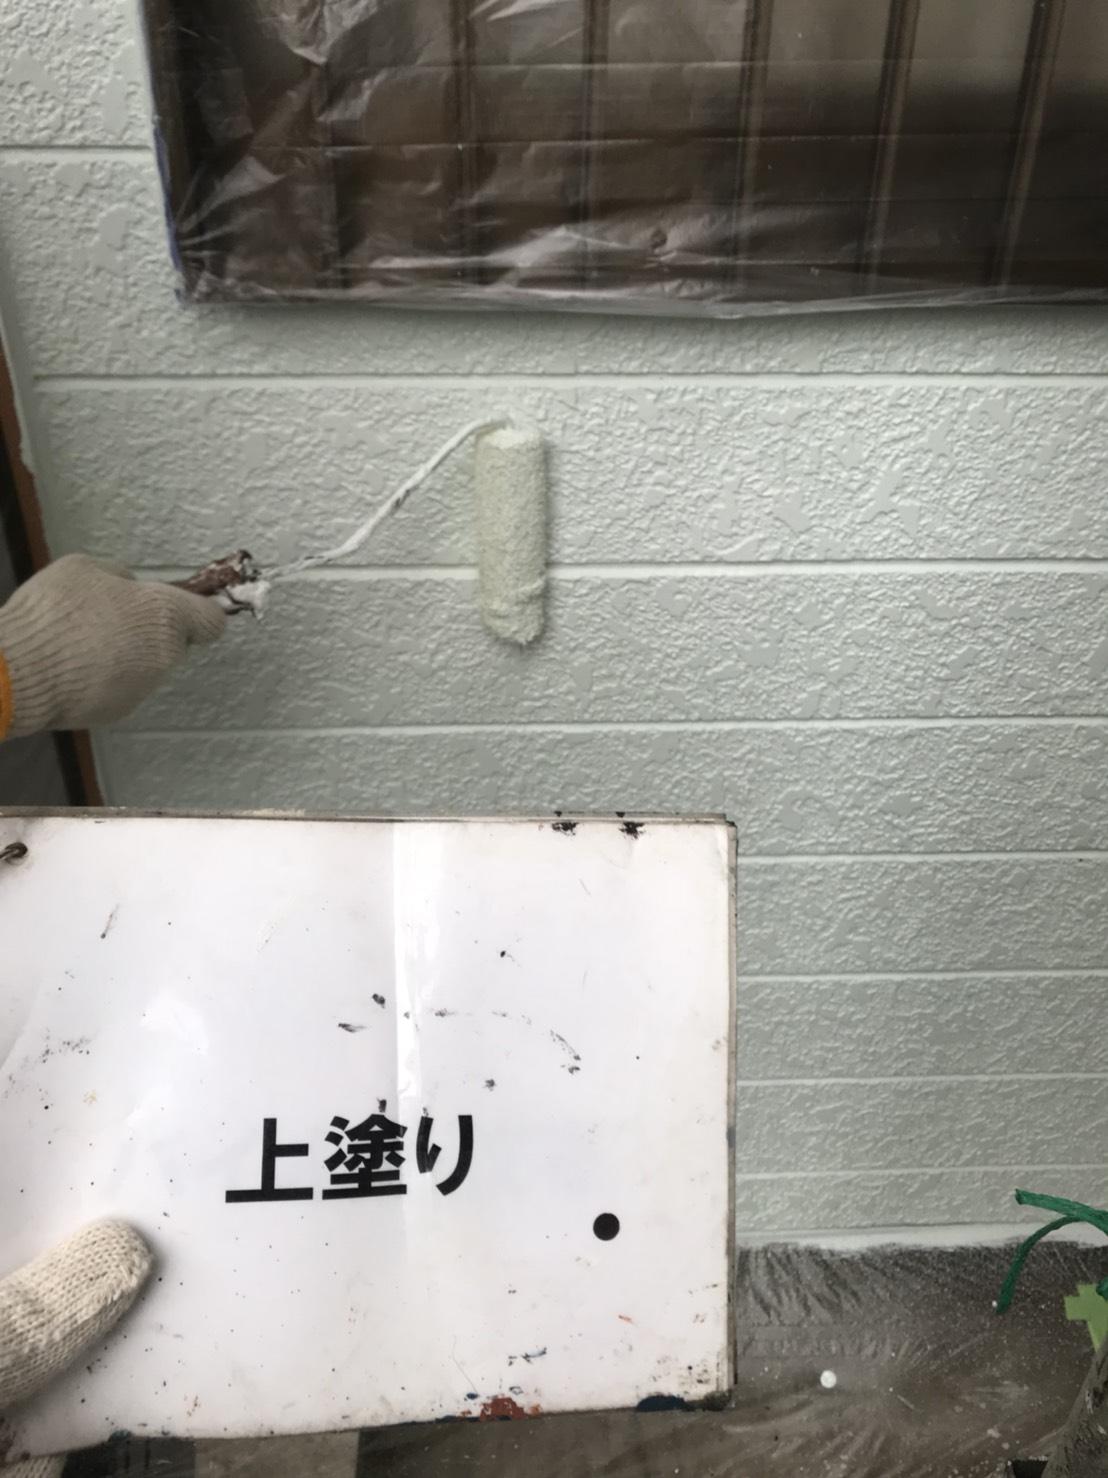 袖ヶ浦市S様邸屋根外壁塗装工事